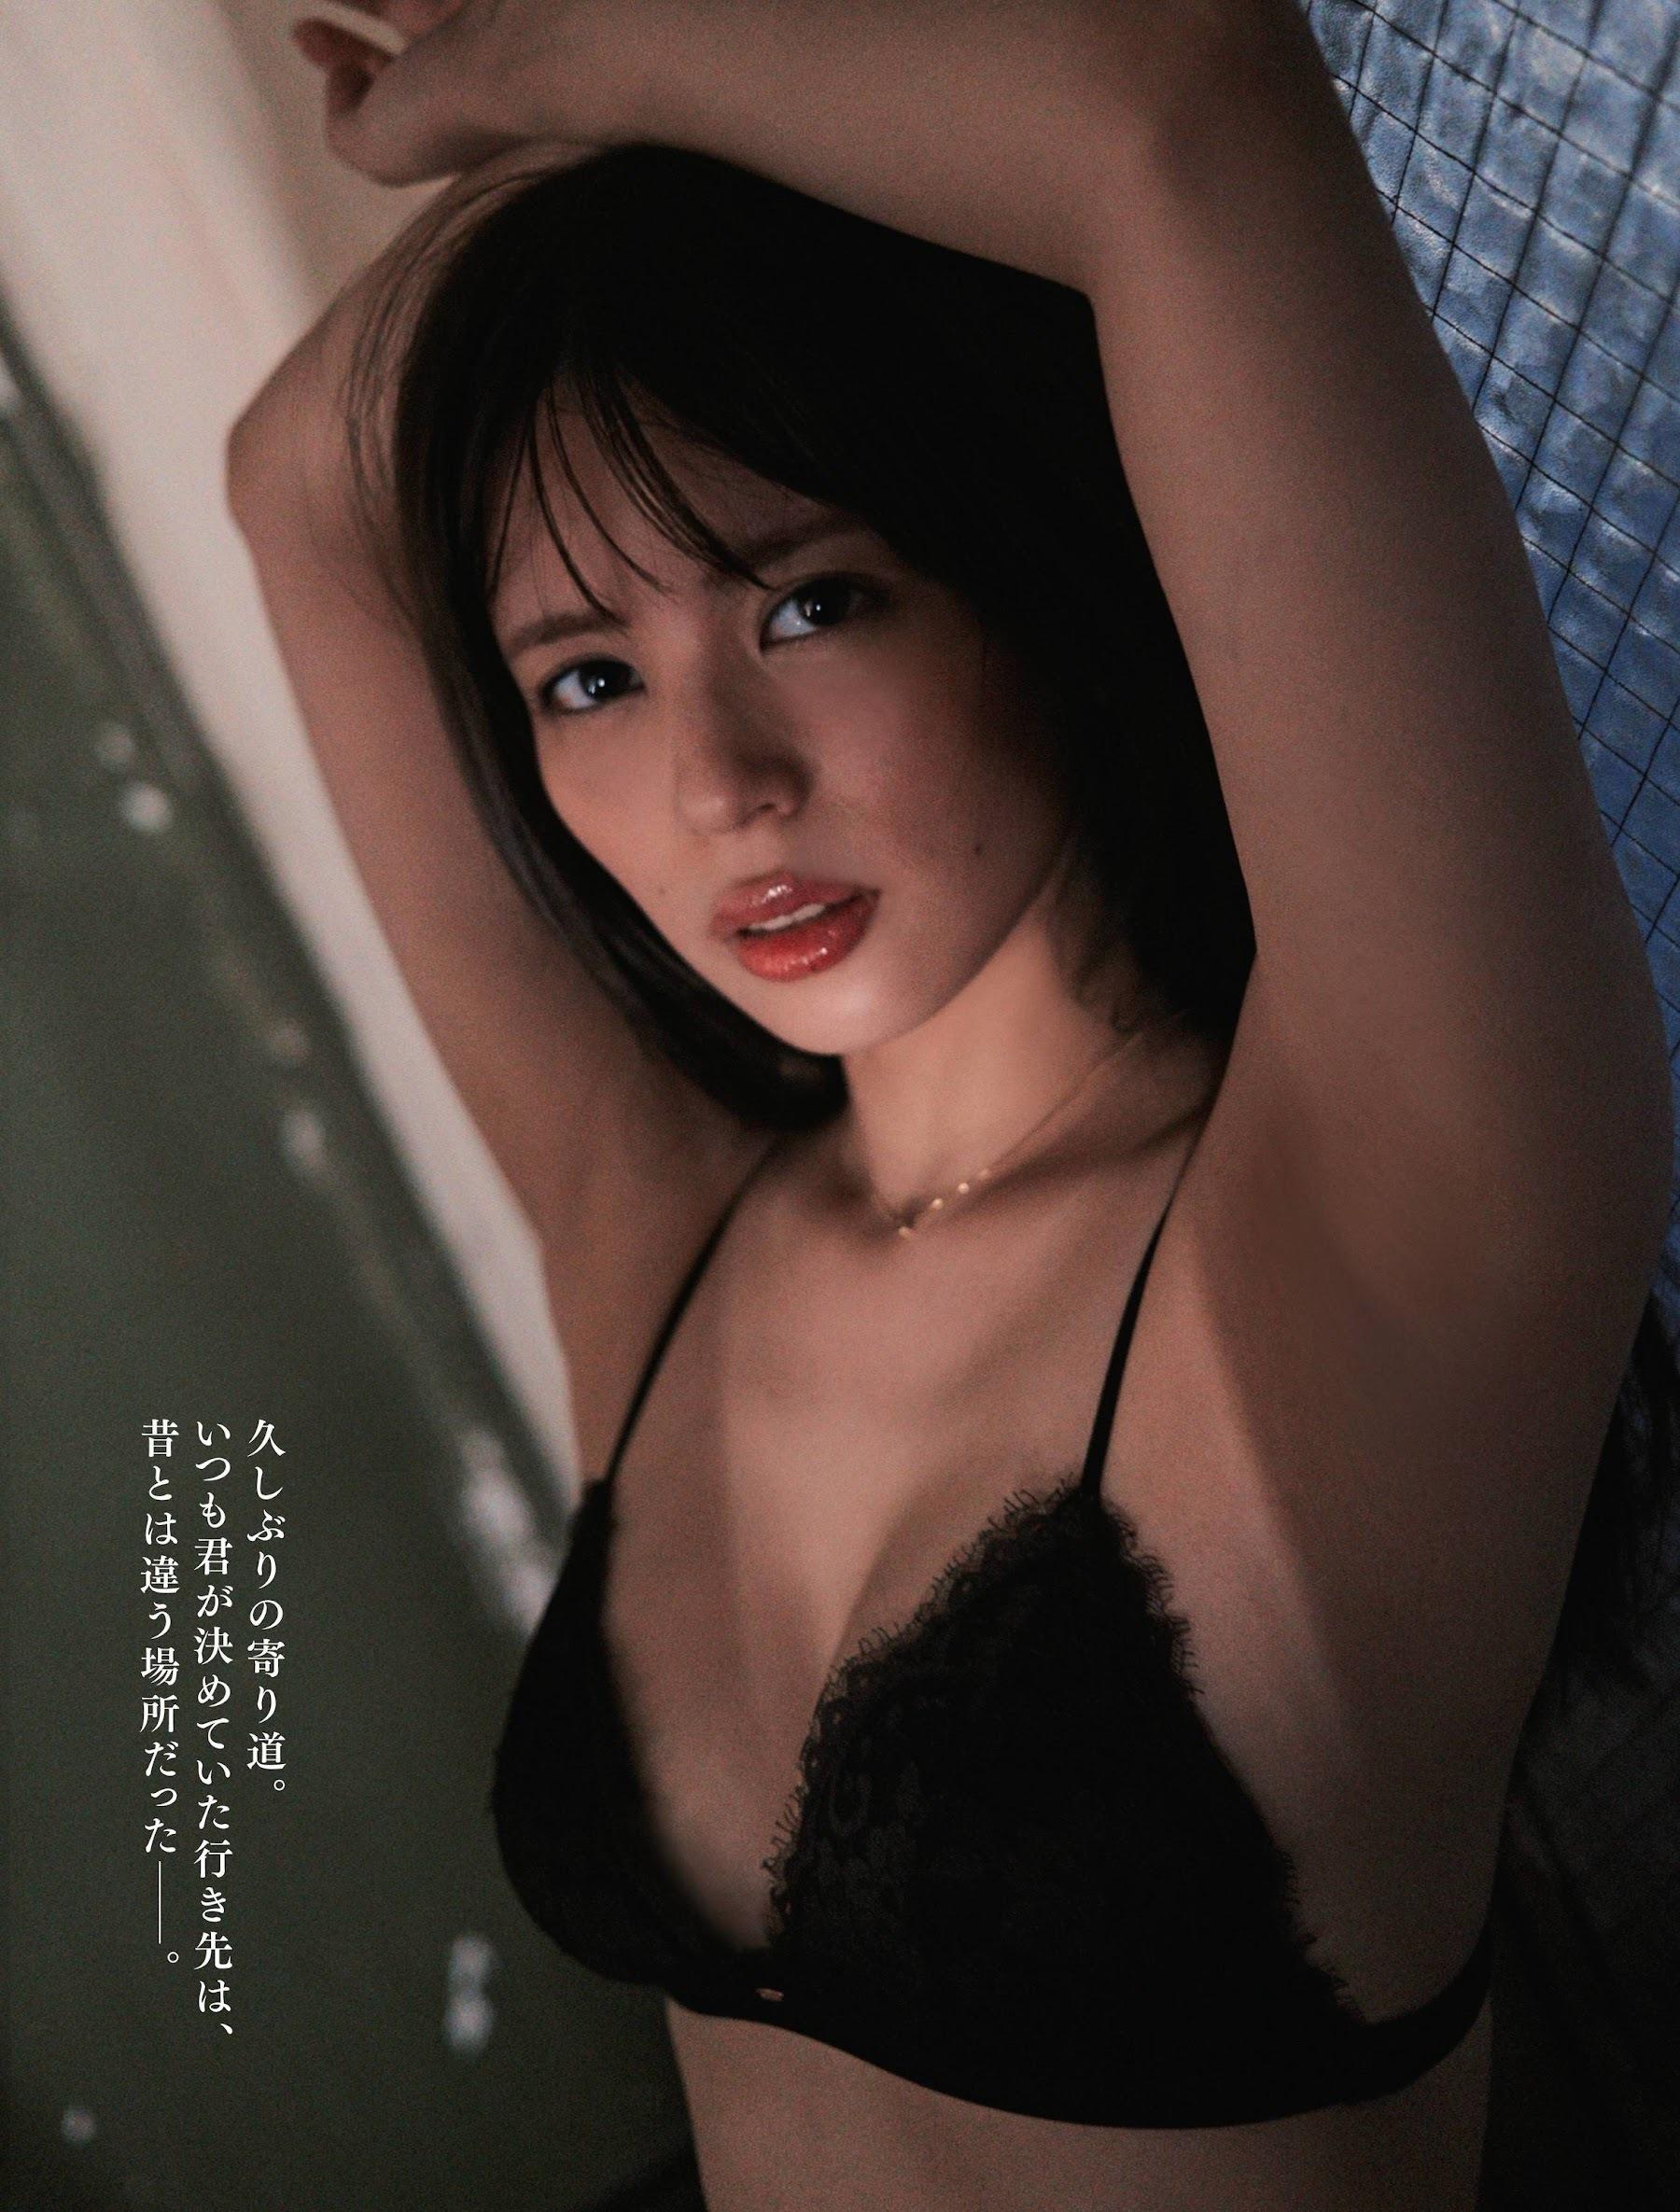 吉崎綾62